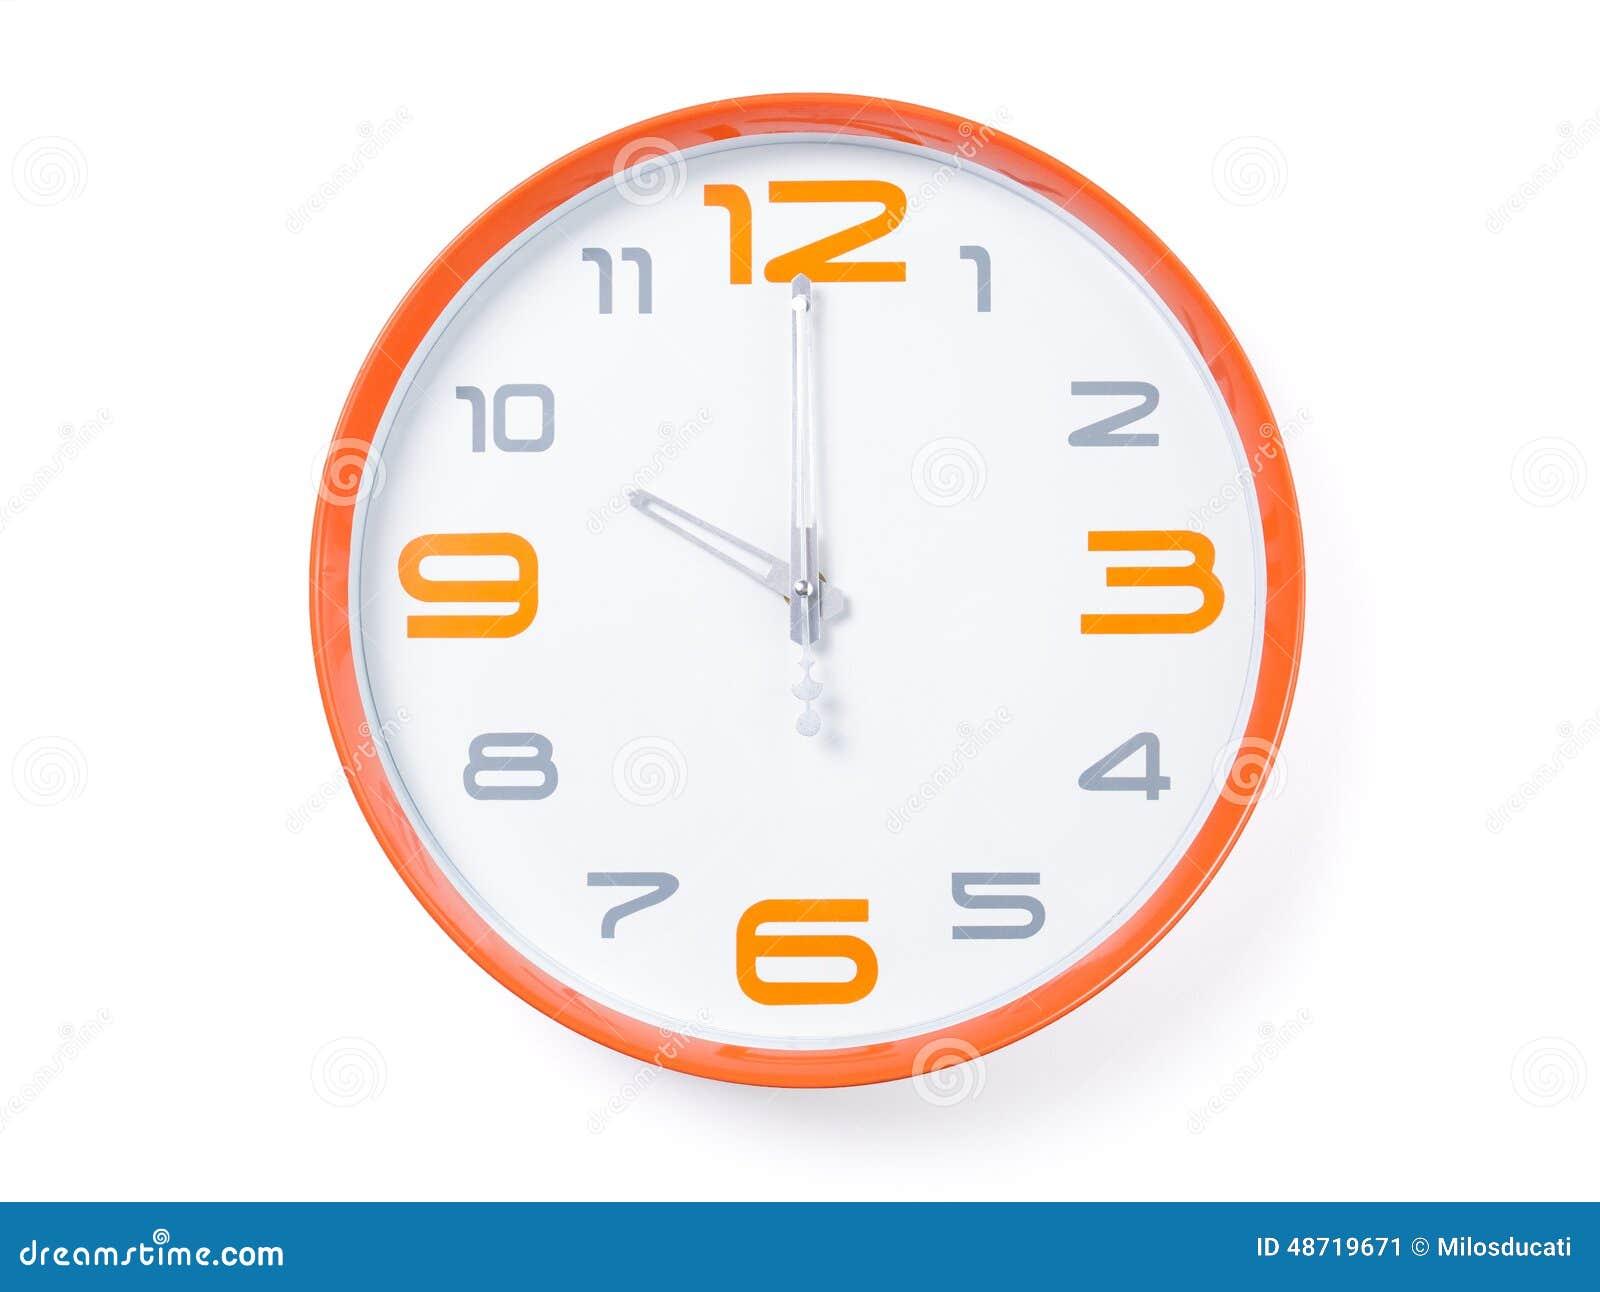 horloge moderne image stock image du num ro int rieur. Black Bedroom Furniture Sets. Home Design Ideas